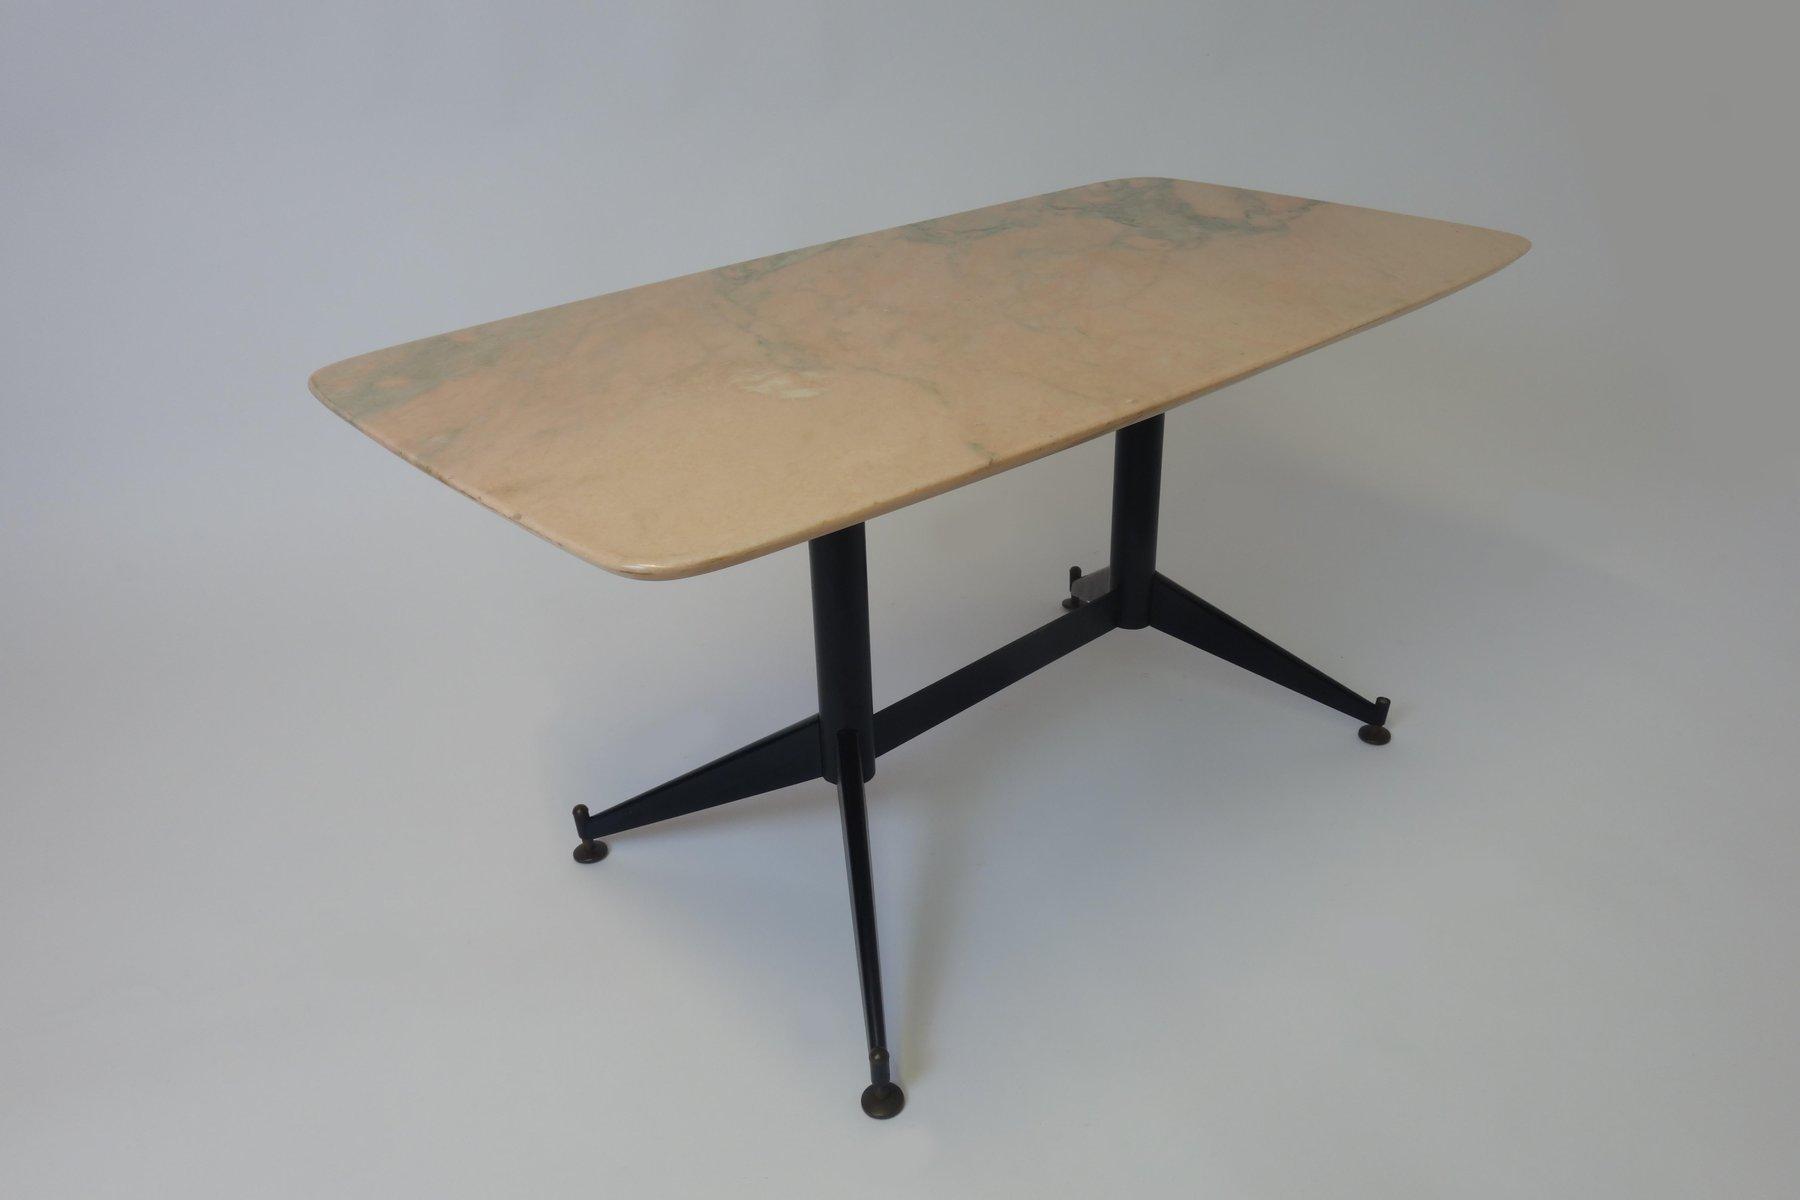 italienischer marmor beistelltisch 1960er bei pamono kaufen. Black Bedroom Furniture Sets. Home Design Ideas